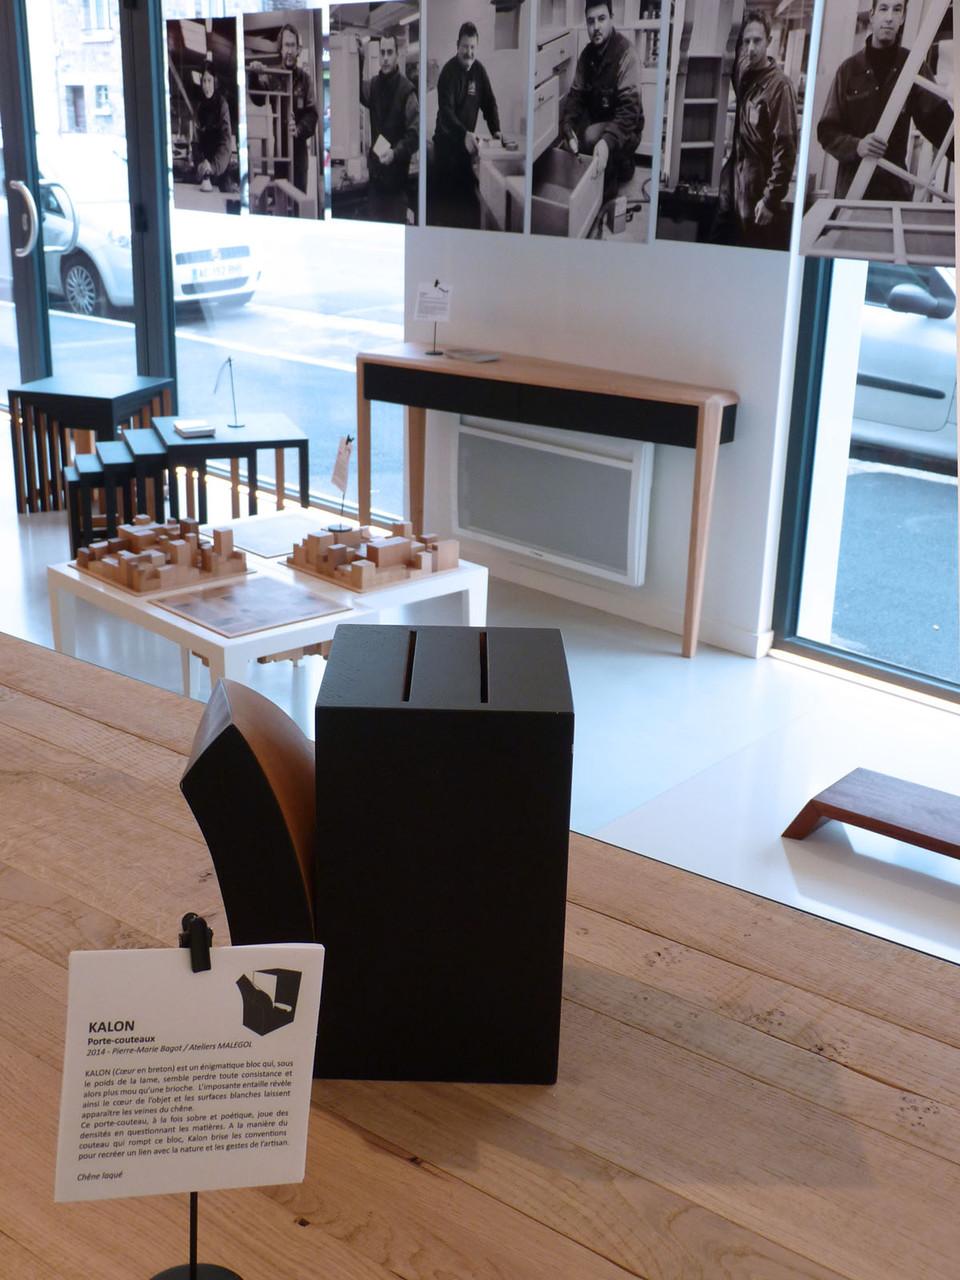 Espace Meubles & Design - Porte-couteaux KALON (Design Ateliers Malegol - Pierre-Marie BAGOT)